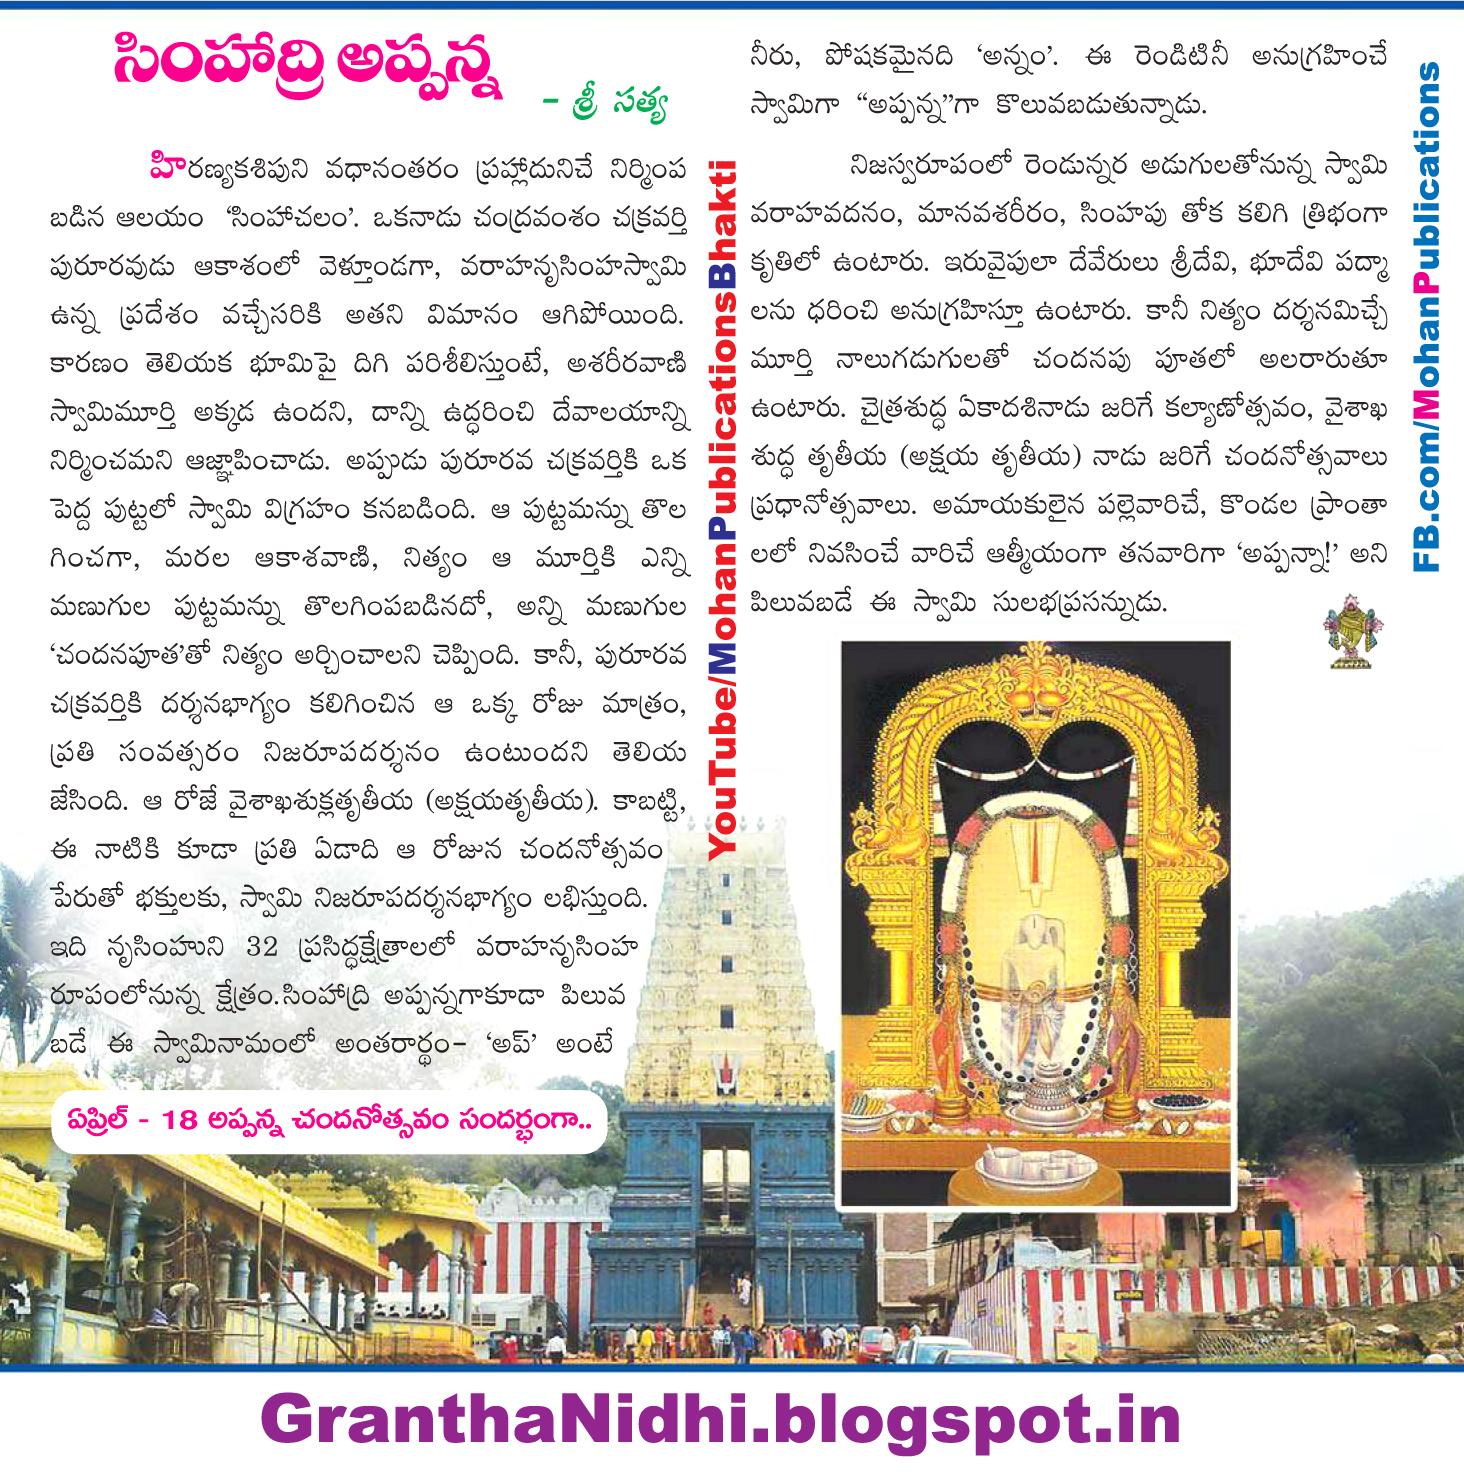 అప్పన్న చందనోత్సవం Simhadri Appanna Lord Lakshmi Narasimha Lord Narasimha Simhadri Appanna Lord Appanna Appanna Swamy TTD TTD Ebooks Sapthagiri Saptagiri Bhakthi Pustakalu Bhakti Pustakalu BhakthiPustakalu BhaktiPustakalu